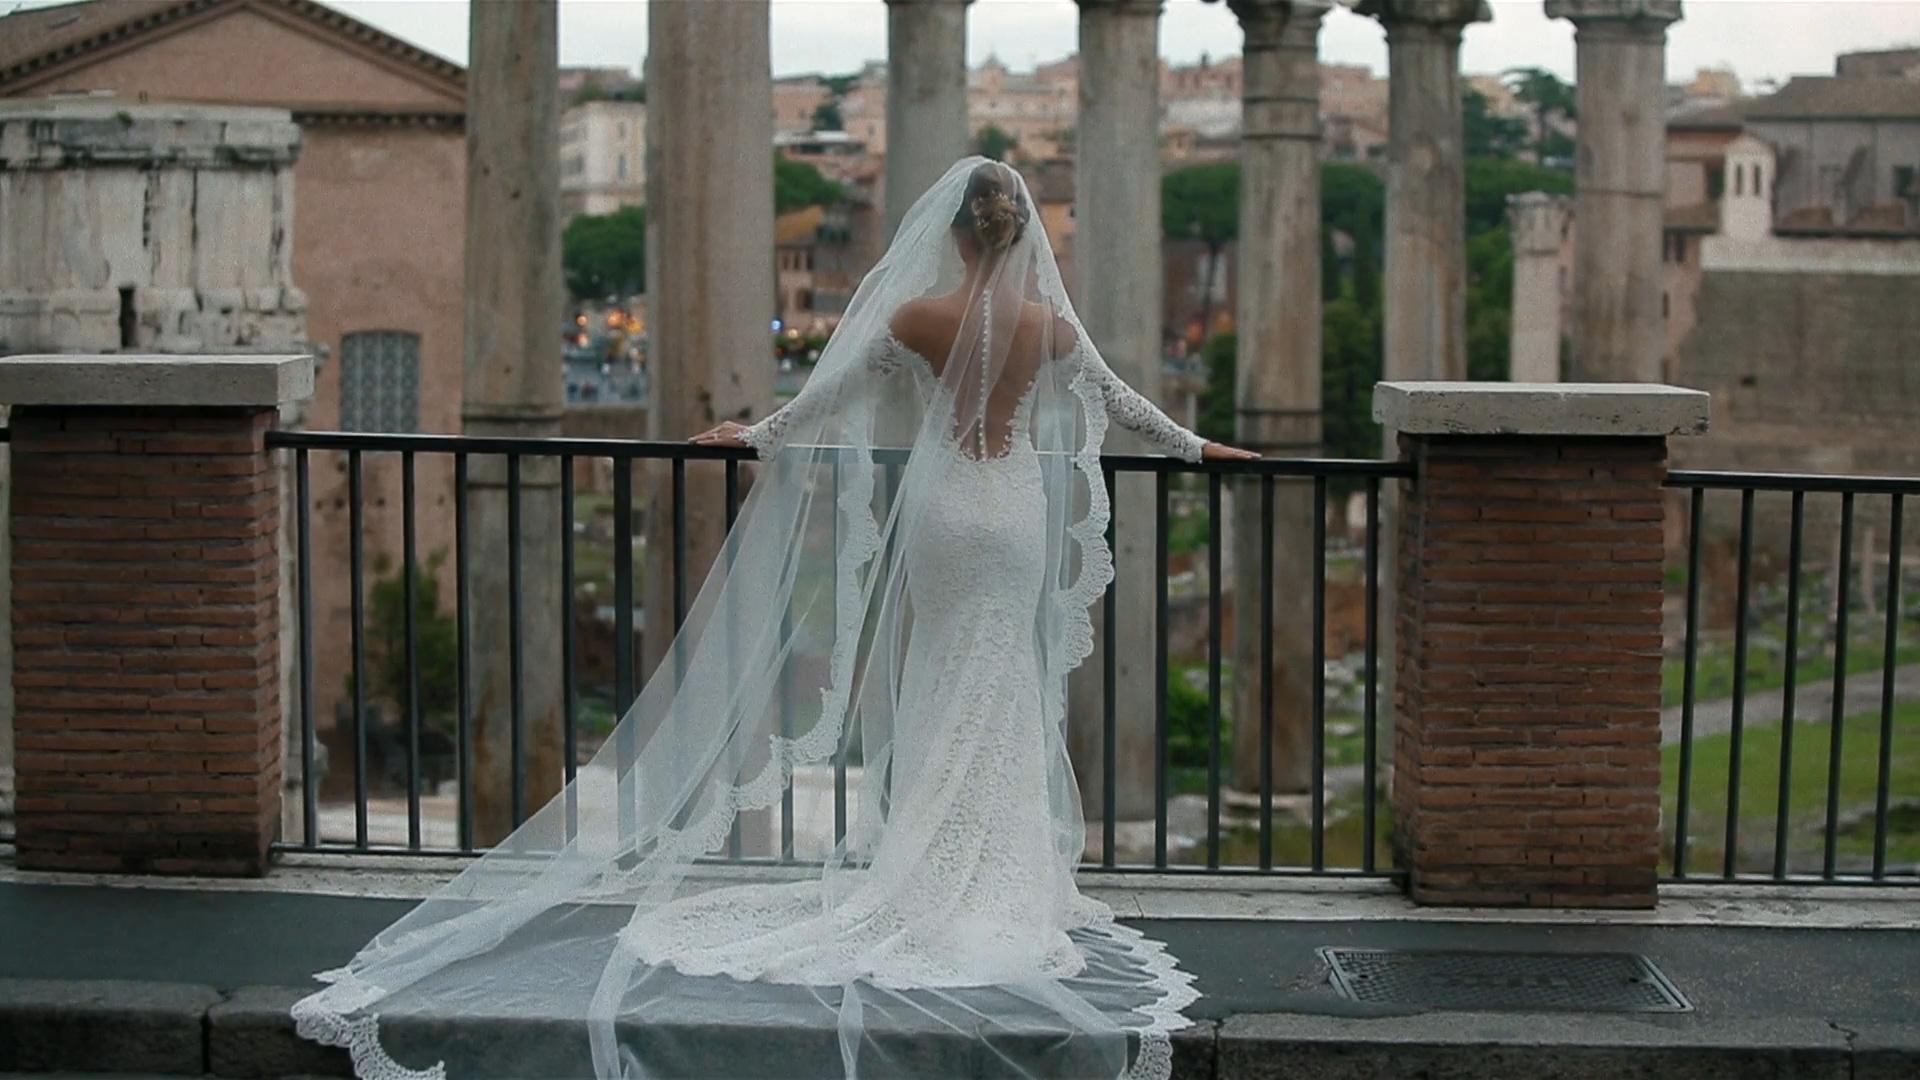 Luca + Anna Victoria | Rome, Italy | Villa Miani